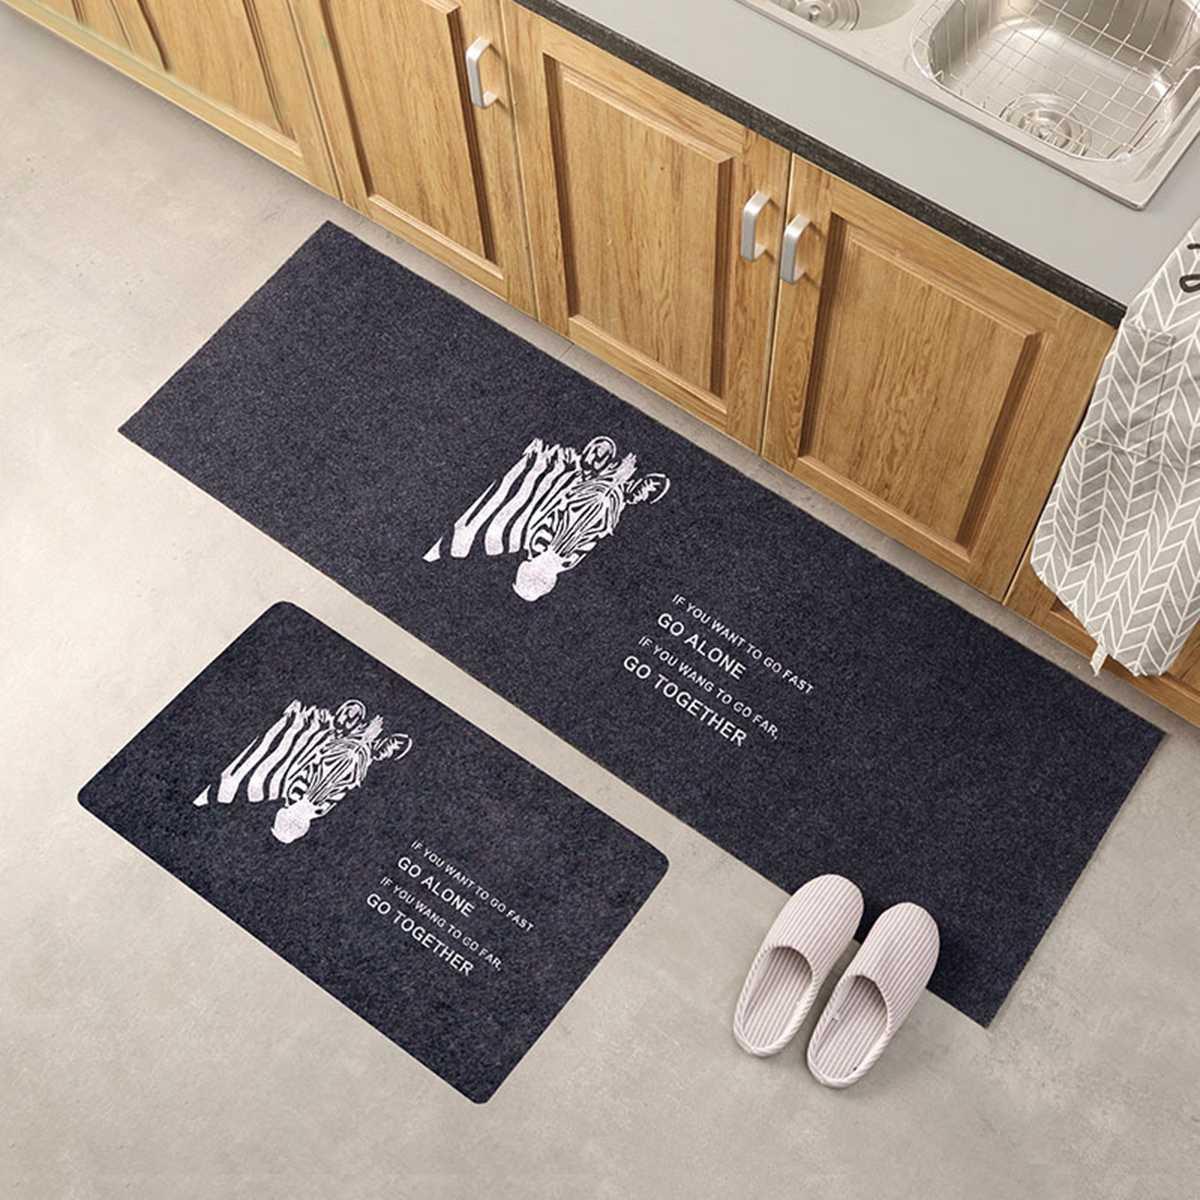 Us 6 01 17 Off Washable Non Slip Home Kitchen Floor Mat Machine Floor Rug Mat Door Runner Hallway Carpet For Bedroom Bathroom Balcony Carpet In Mat